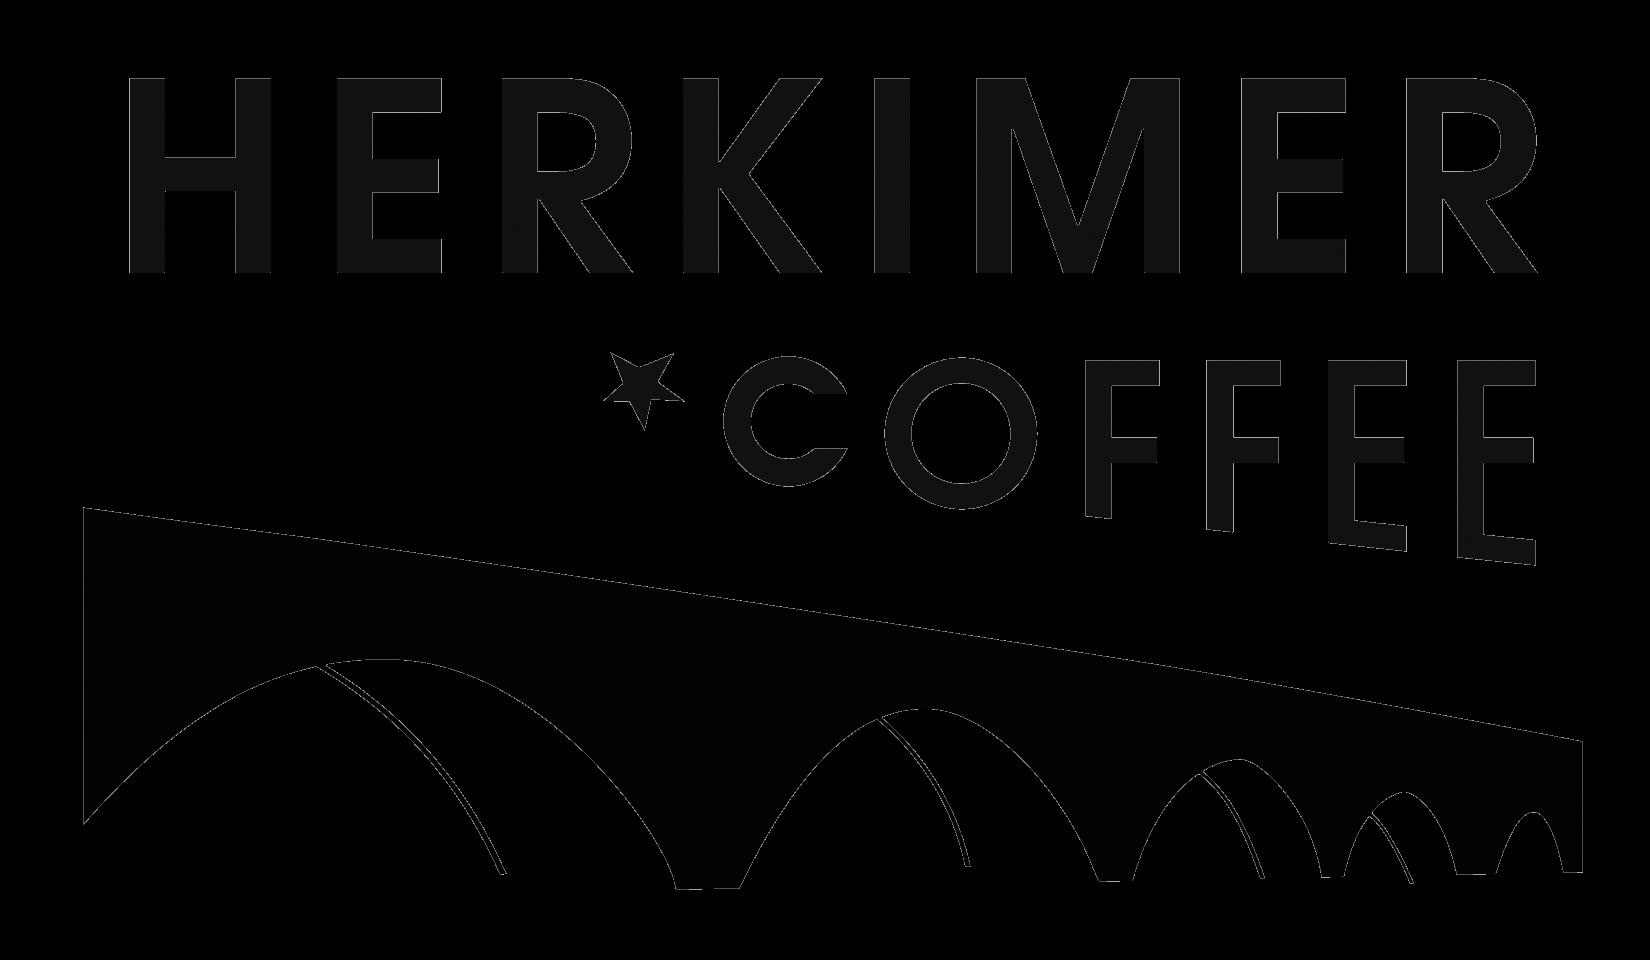 Herkimer_logo_black.png